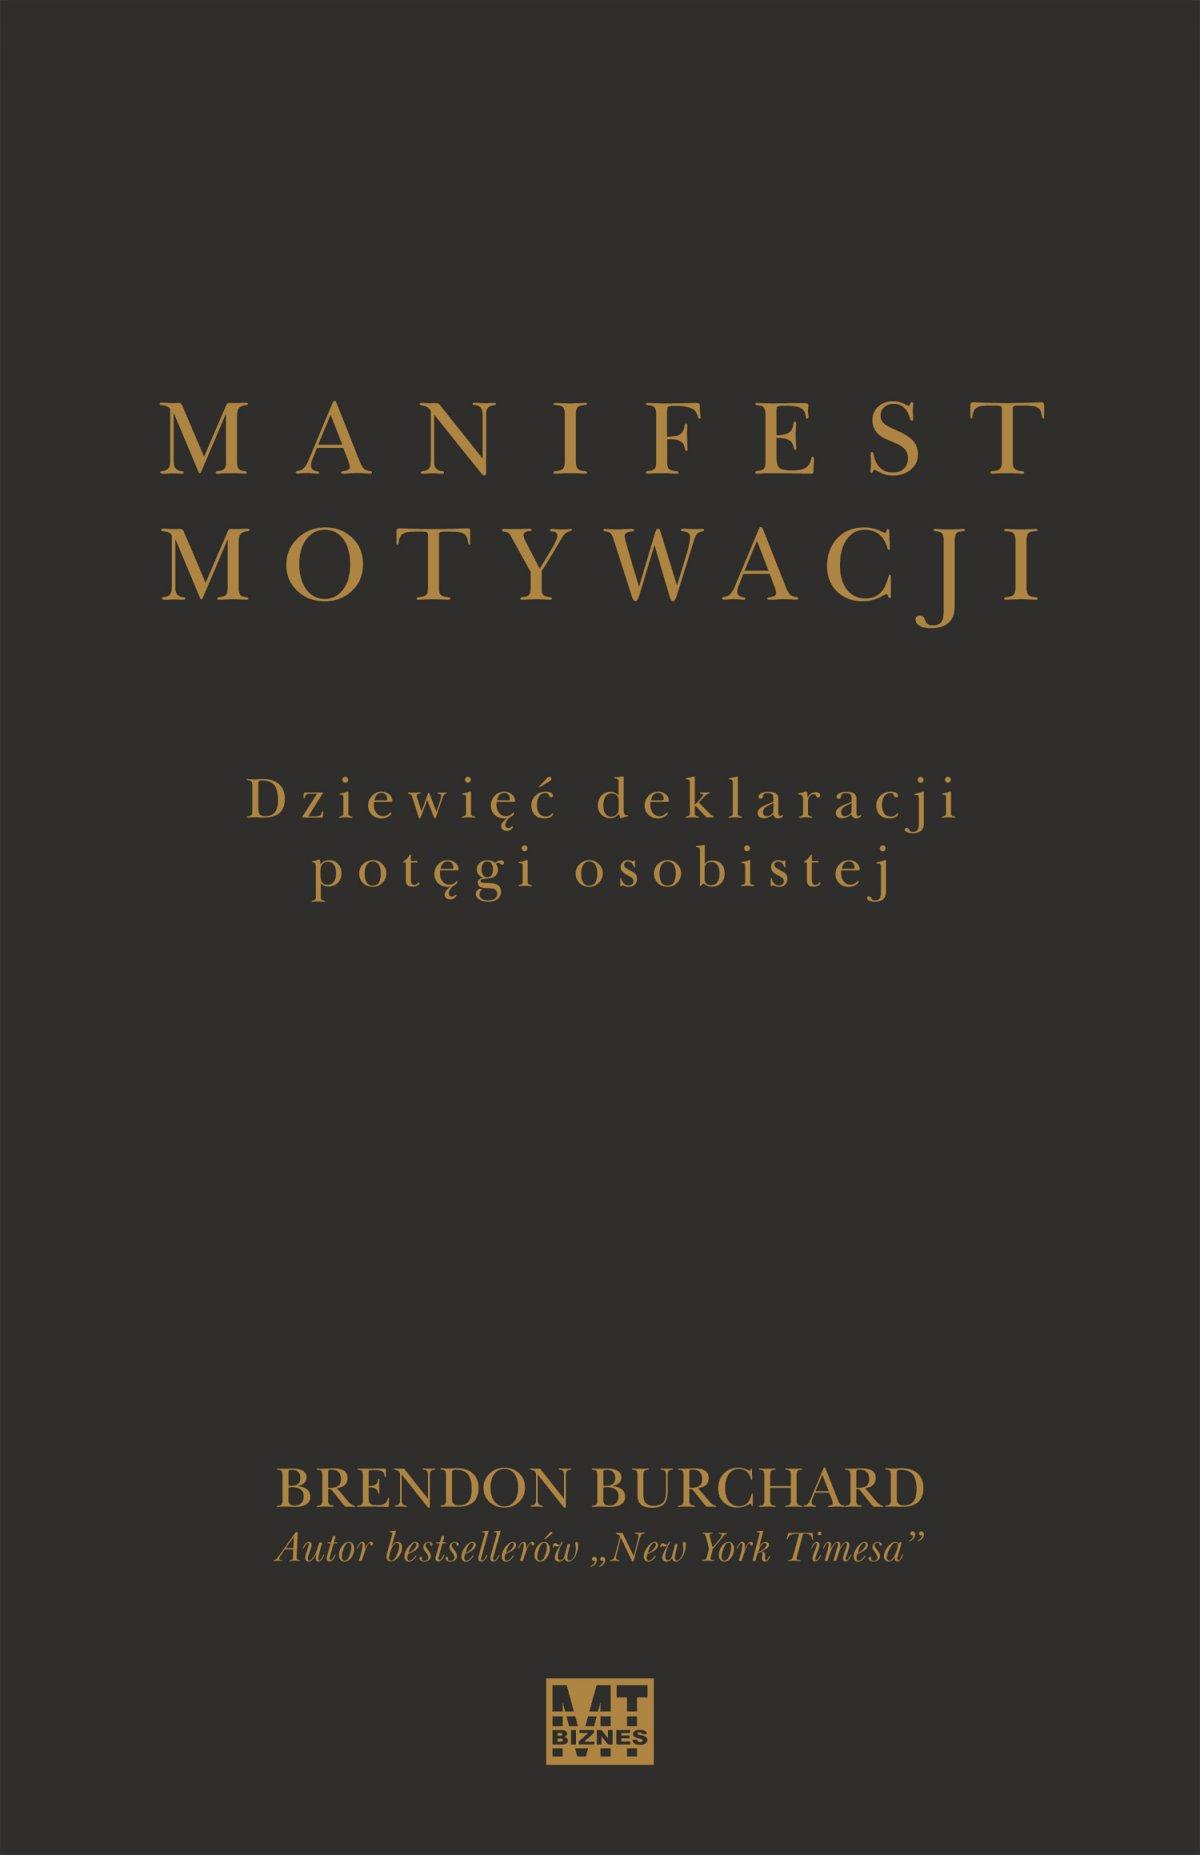 Manifest motywacji - Ebook (Książka na Kindle) do pobrania w formacie MOBI